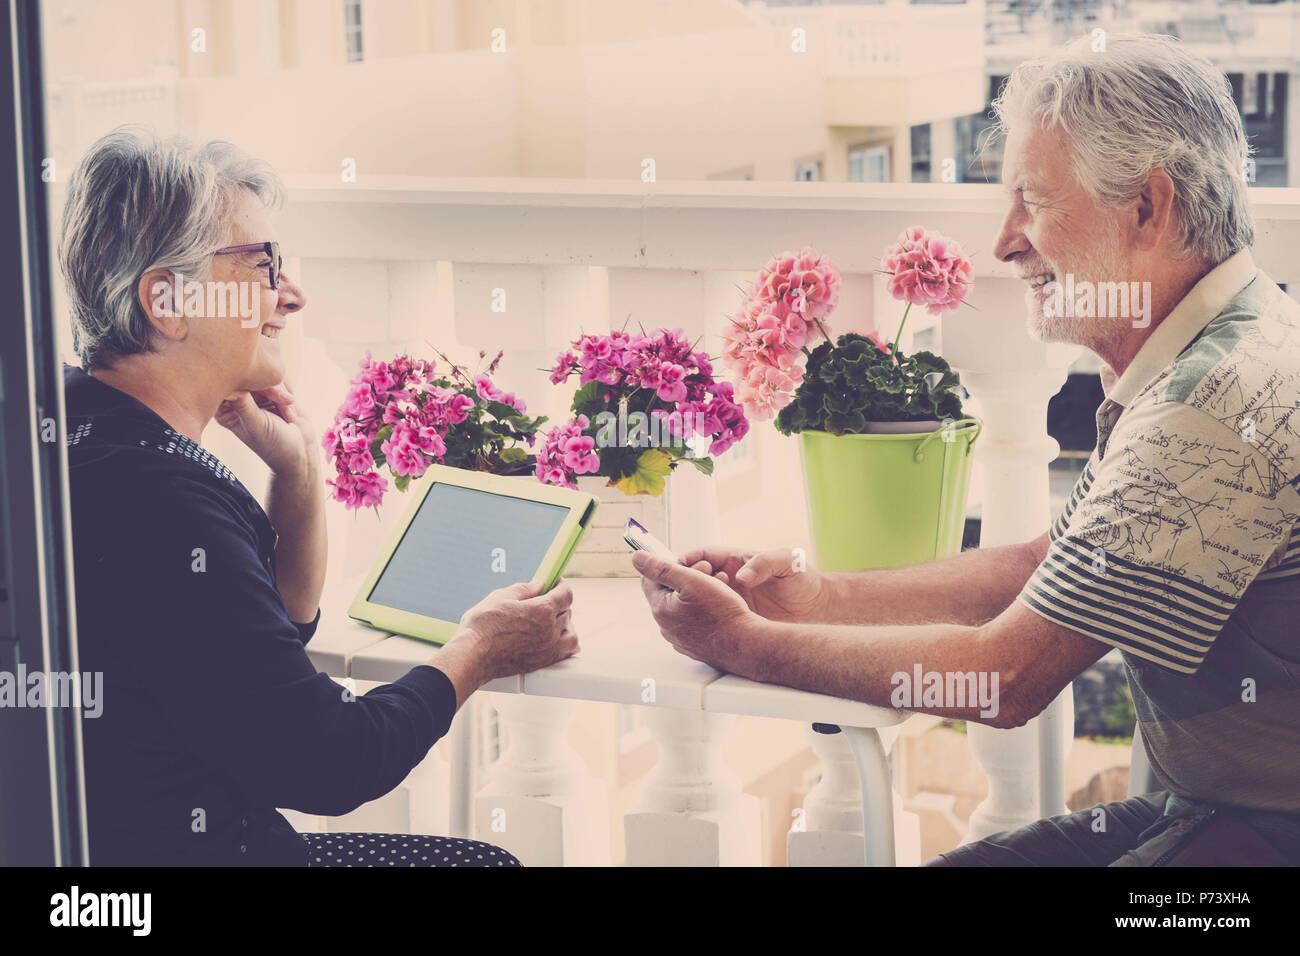 Senior felice coppia caucasica in outdoor le attività per il tempo libero utilizzando la tecnologia ti di lavoro di conversazione testuale e fare videoconferenze con amici. Stile di vita a casa in modalità Immagini Stock